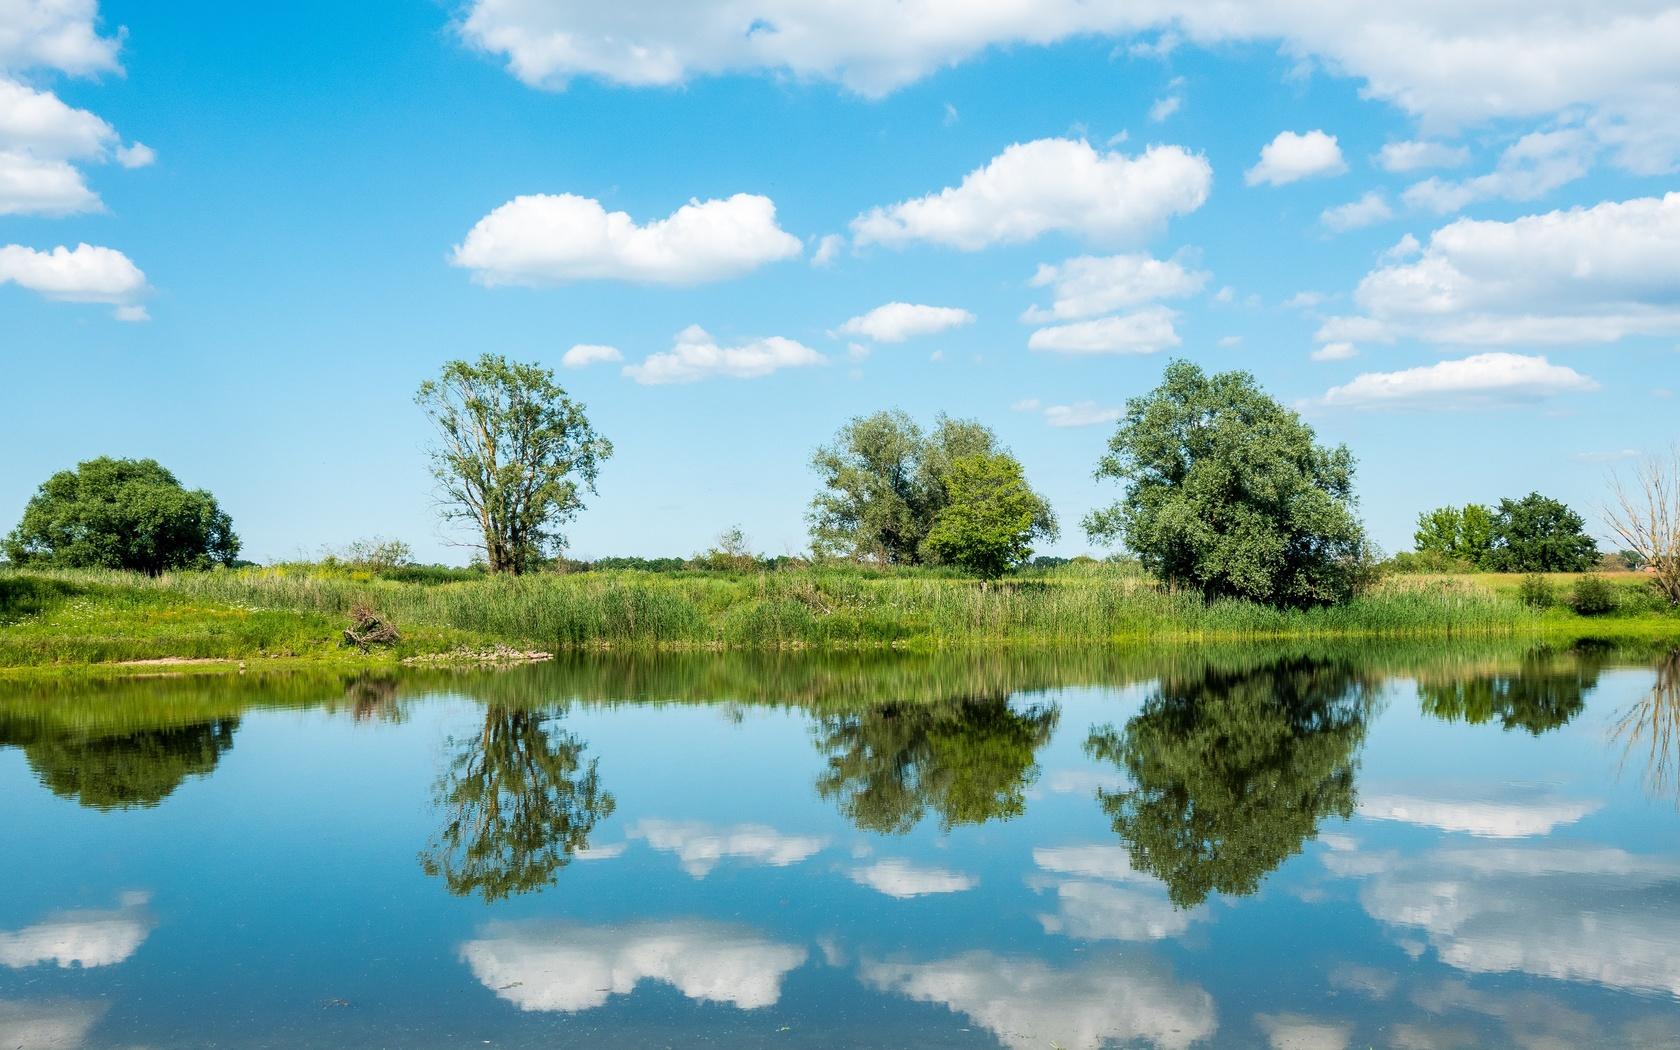 небо, река, отражение, деревья, луг, эльба